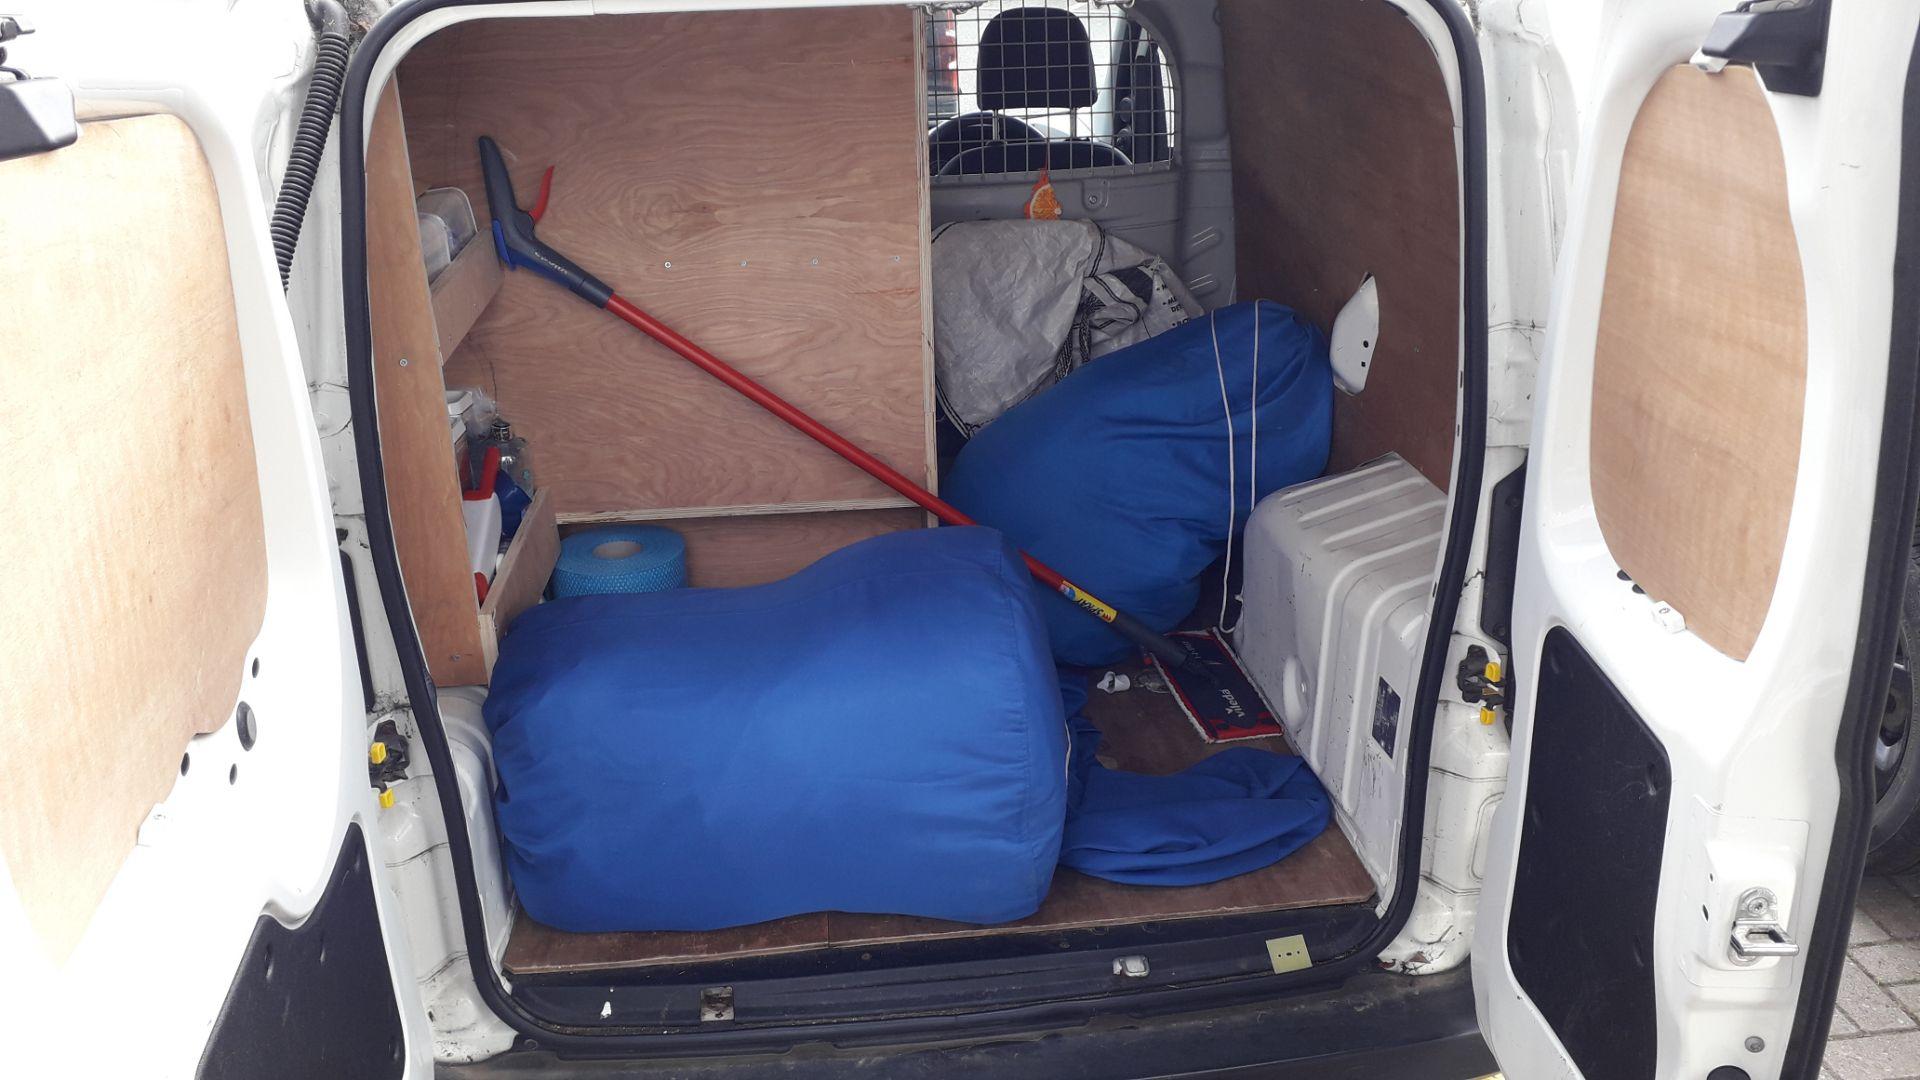 Peugeot Bipper 1.3 Hdi 75 S Diesel Van, Registrati - Image 5 of 10